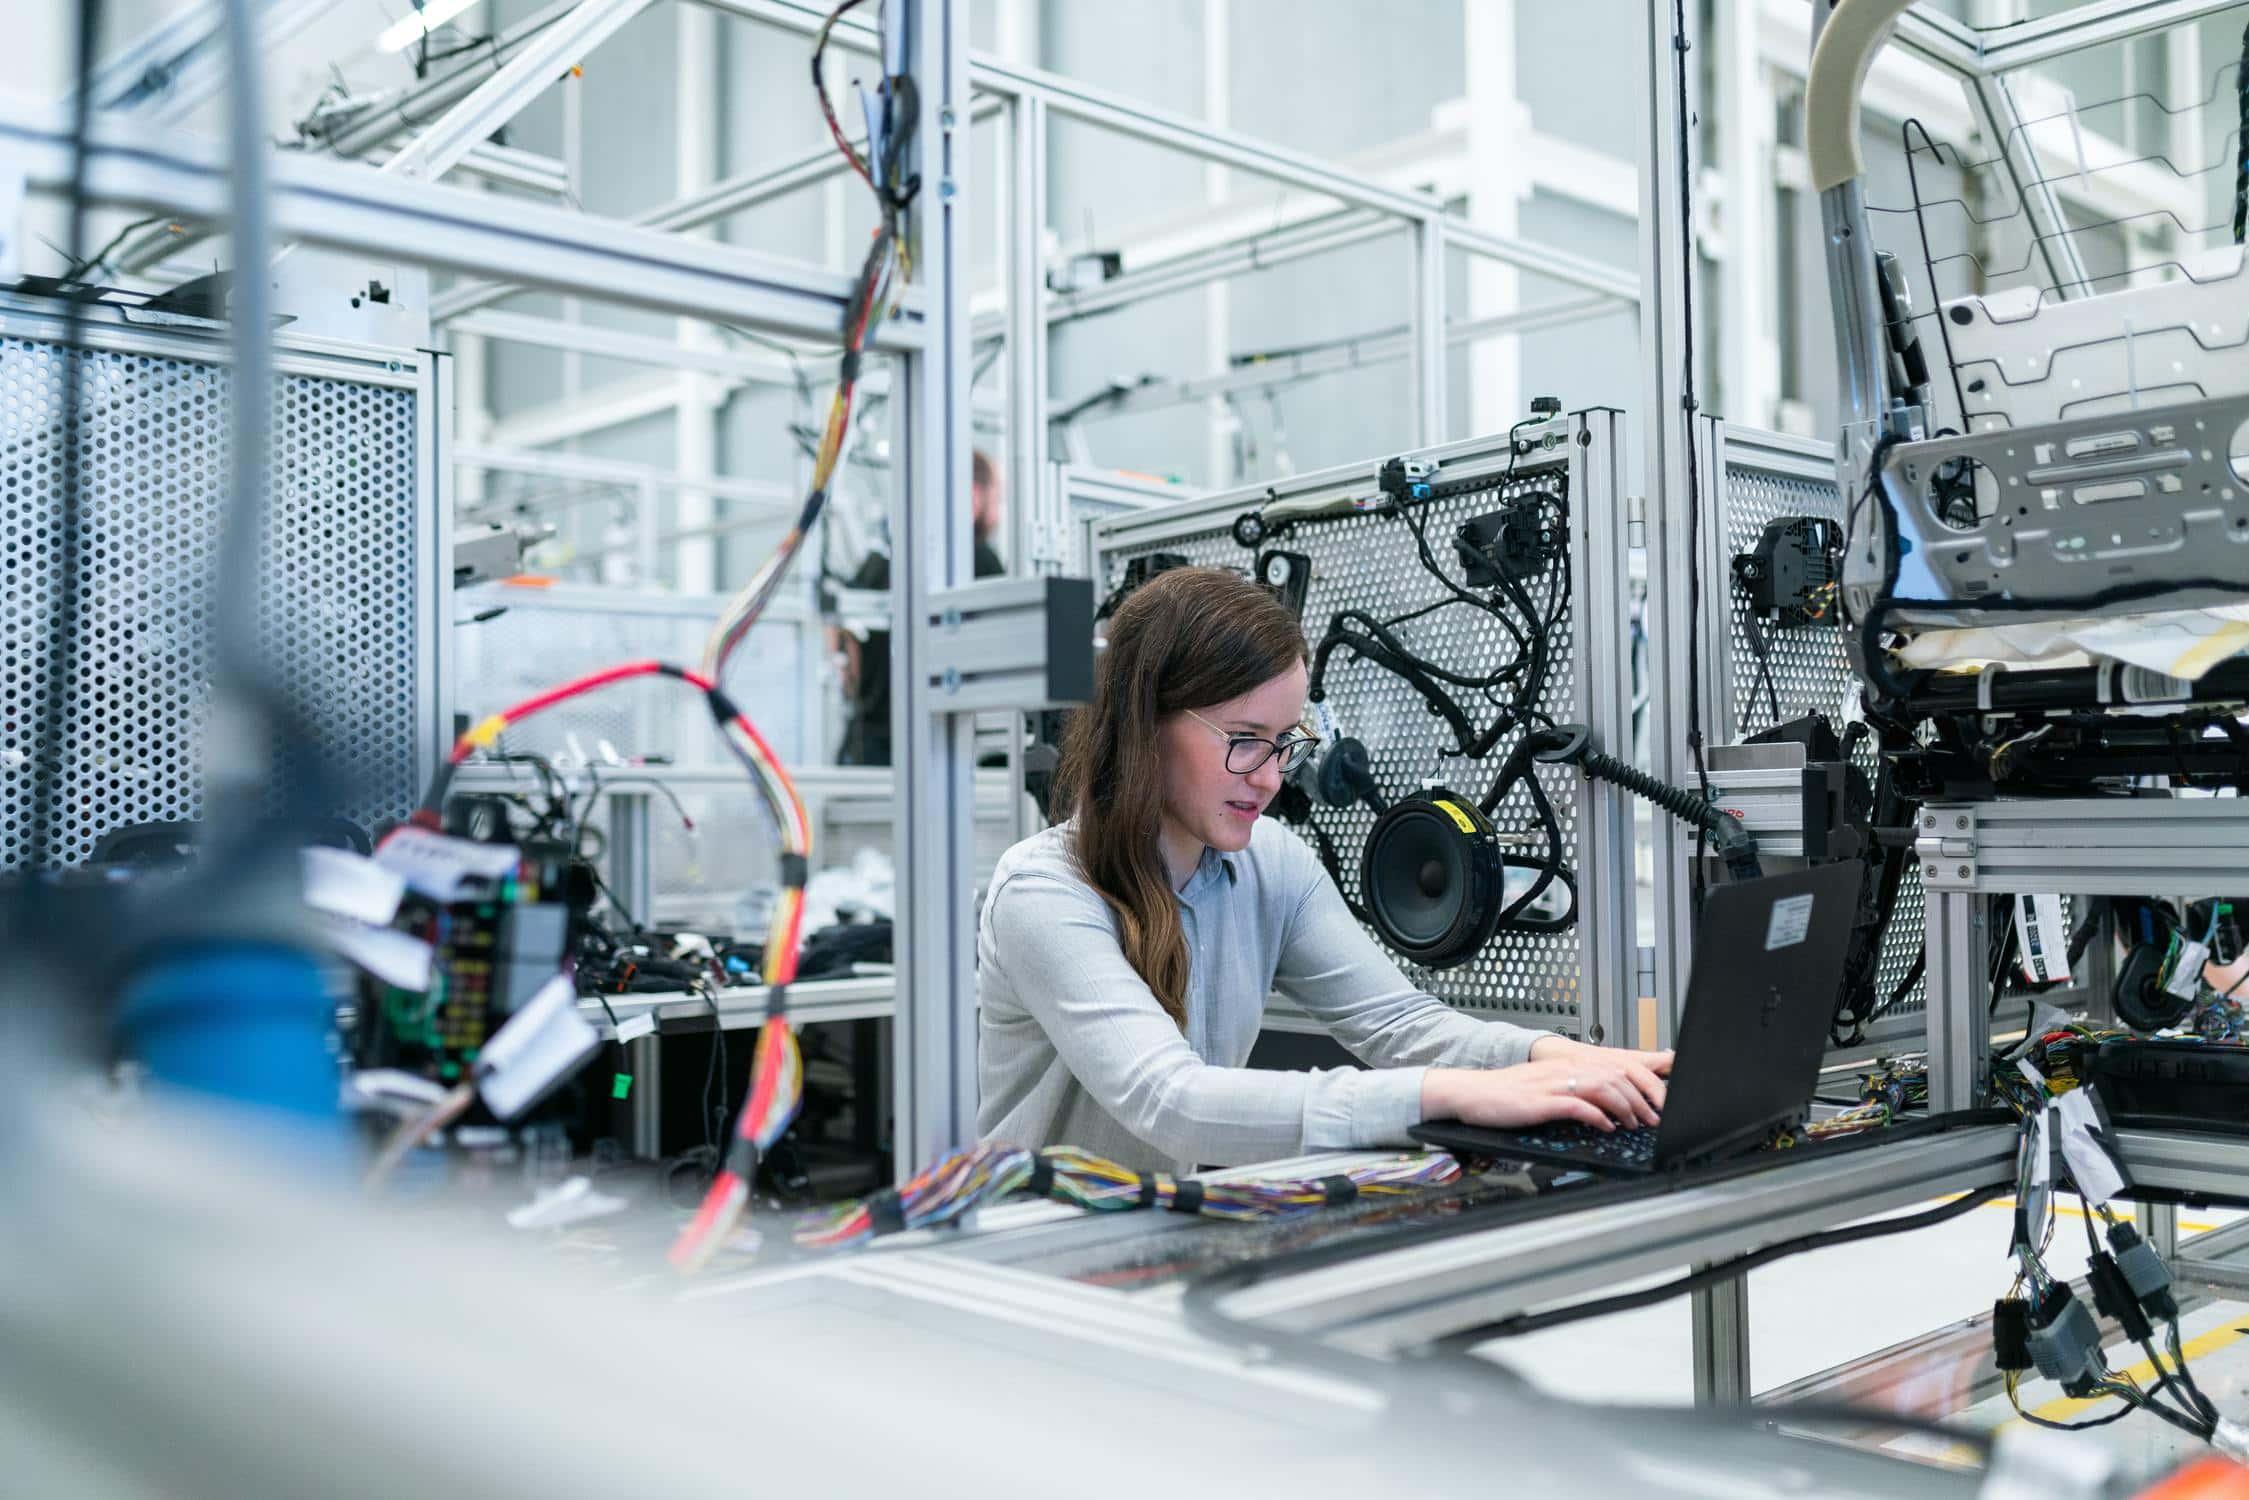 Junge Frau sitzt in großem Technik-Labor vor Computer und arbeitet an ihrer Forschung